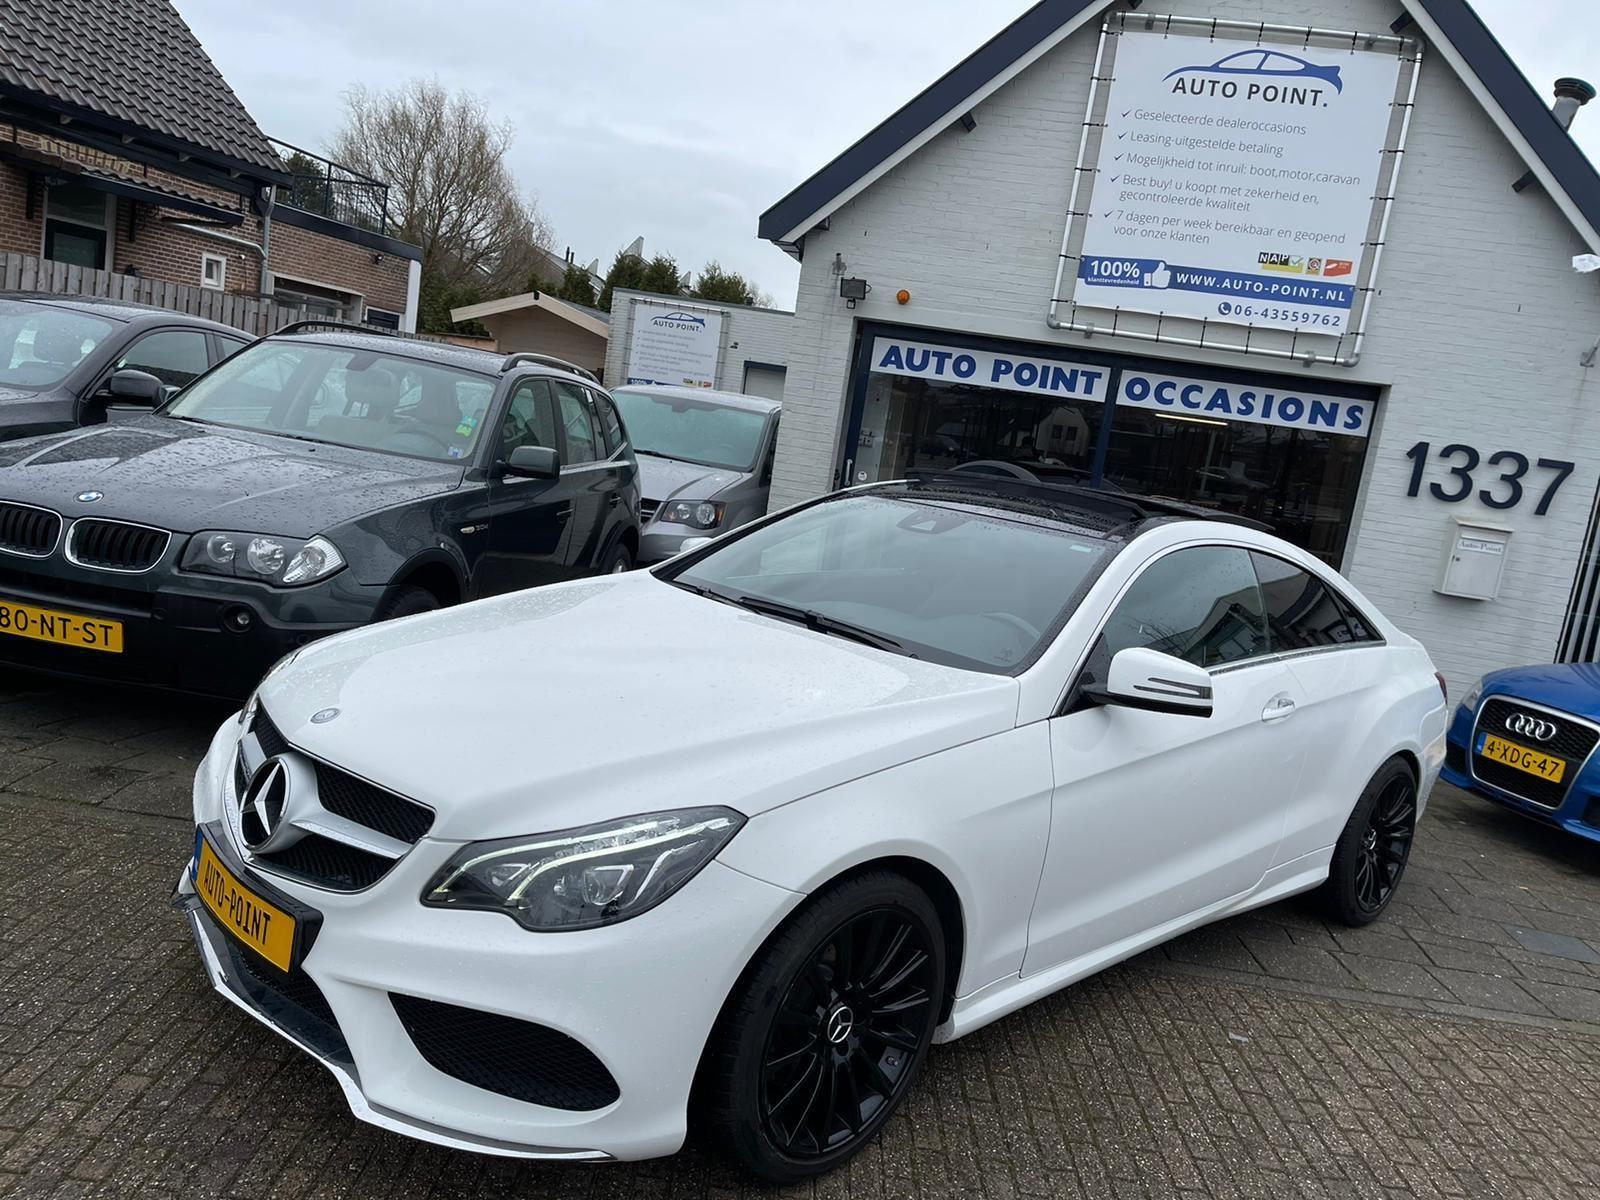 Mercedes-Benz E-klasse occasion - Auto Point